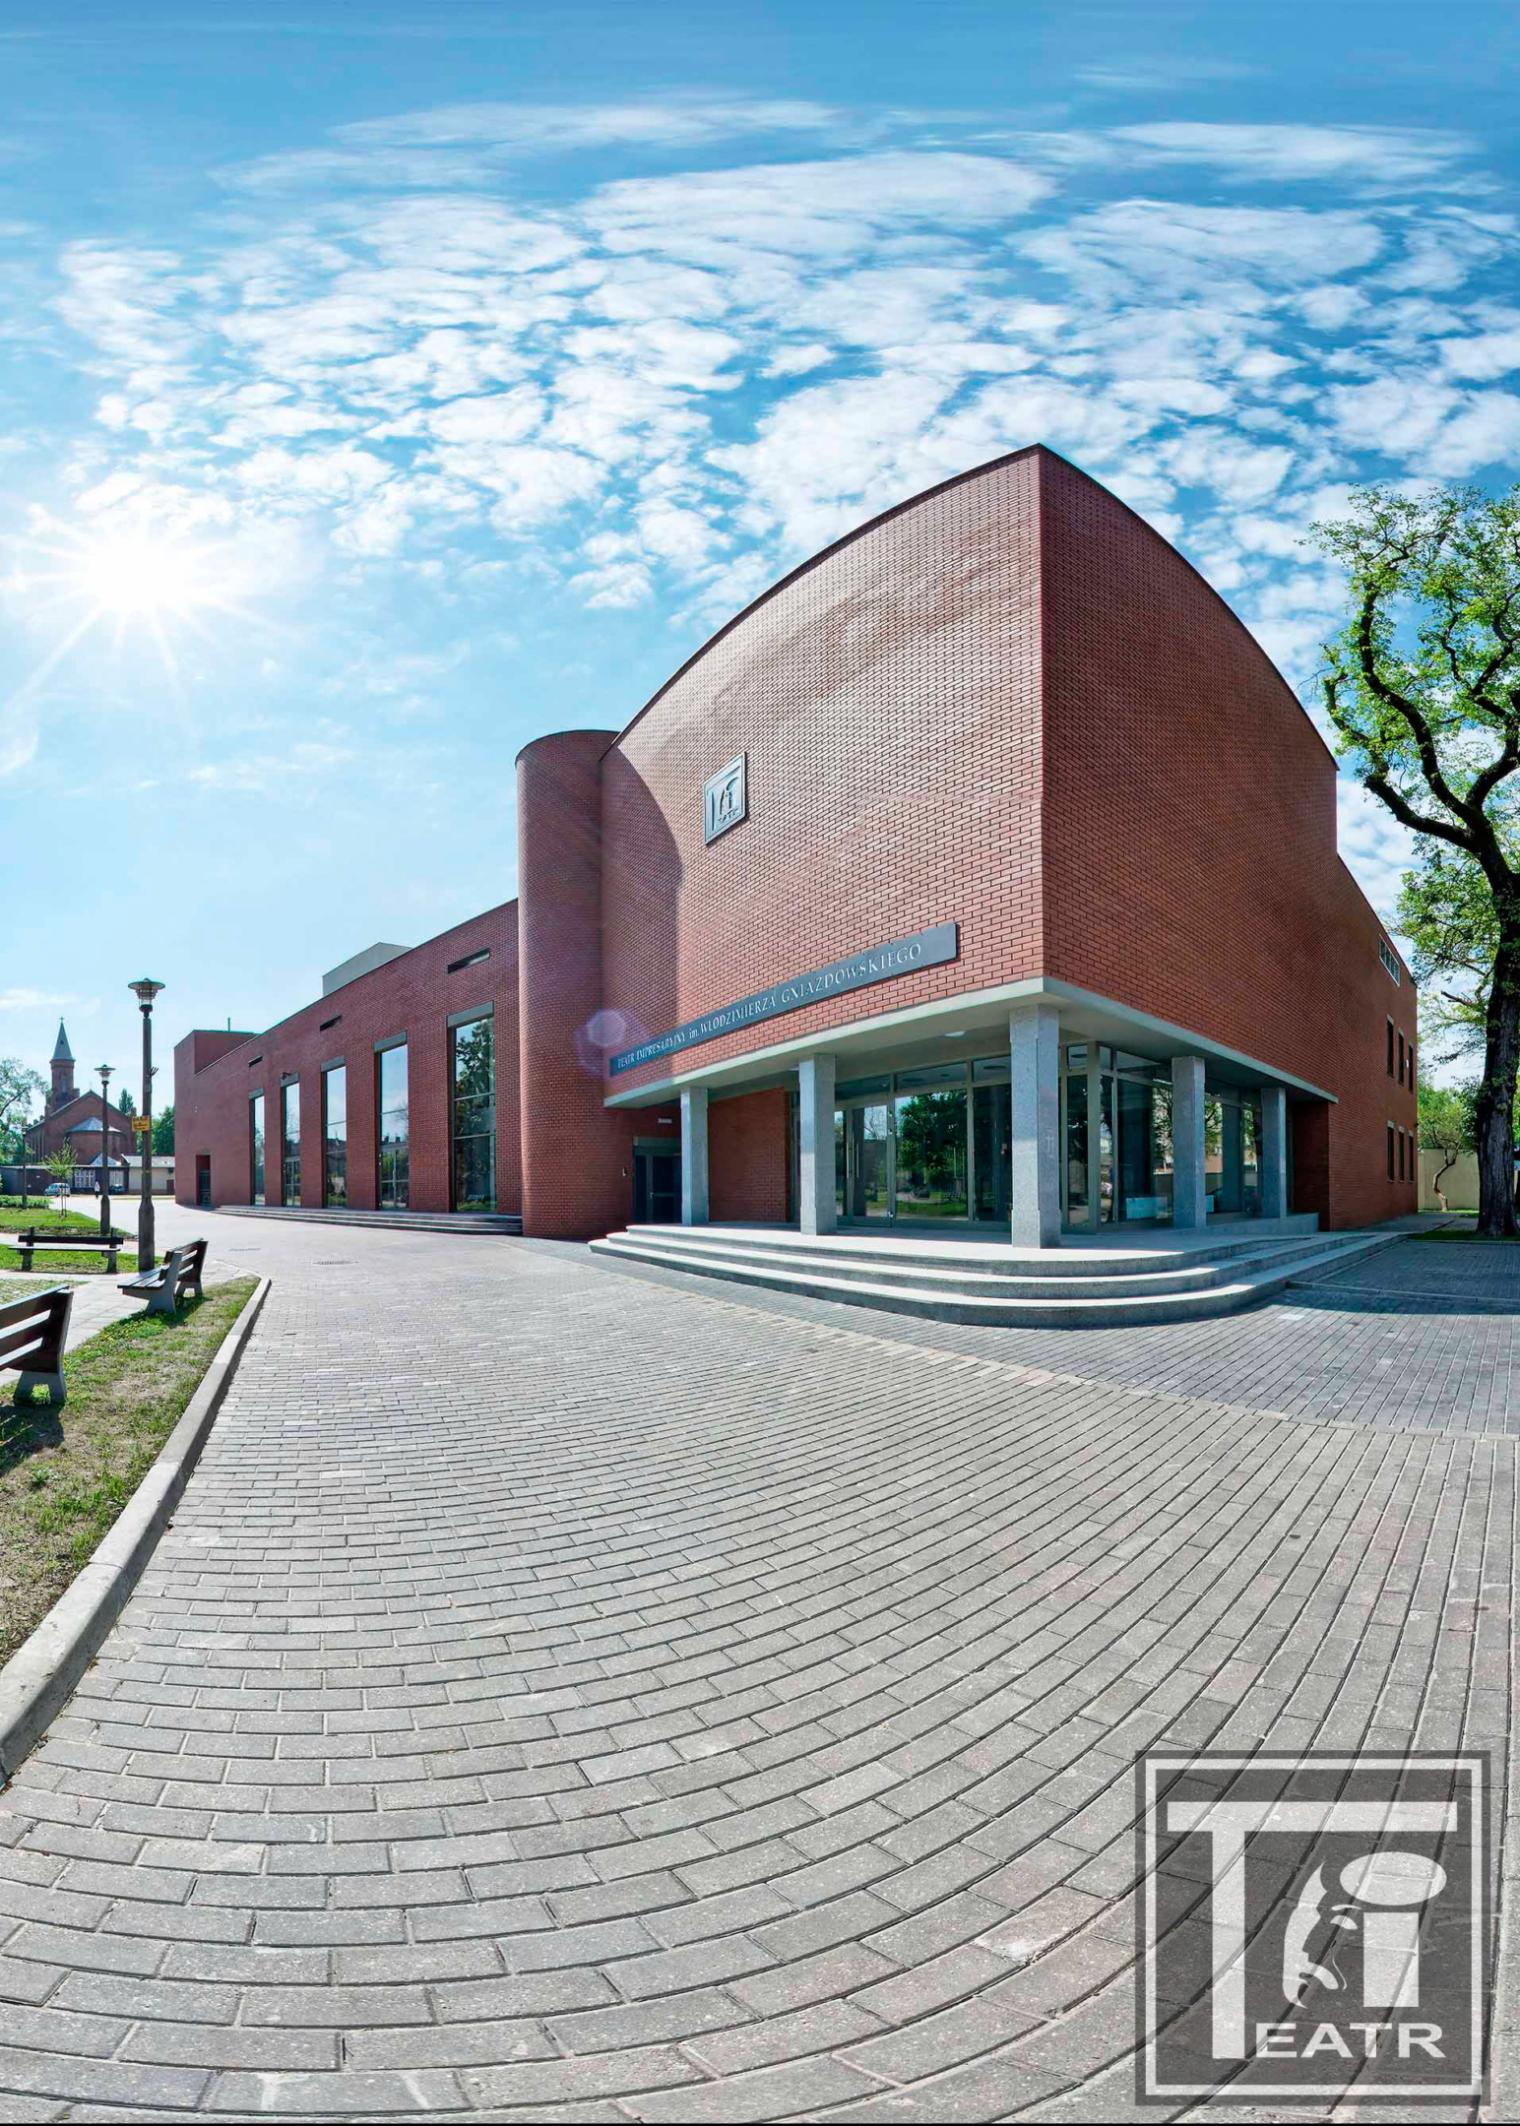 teatr budynek